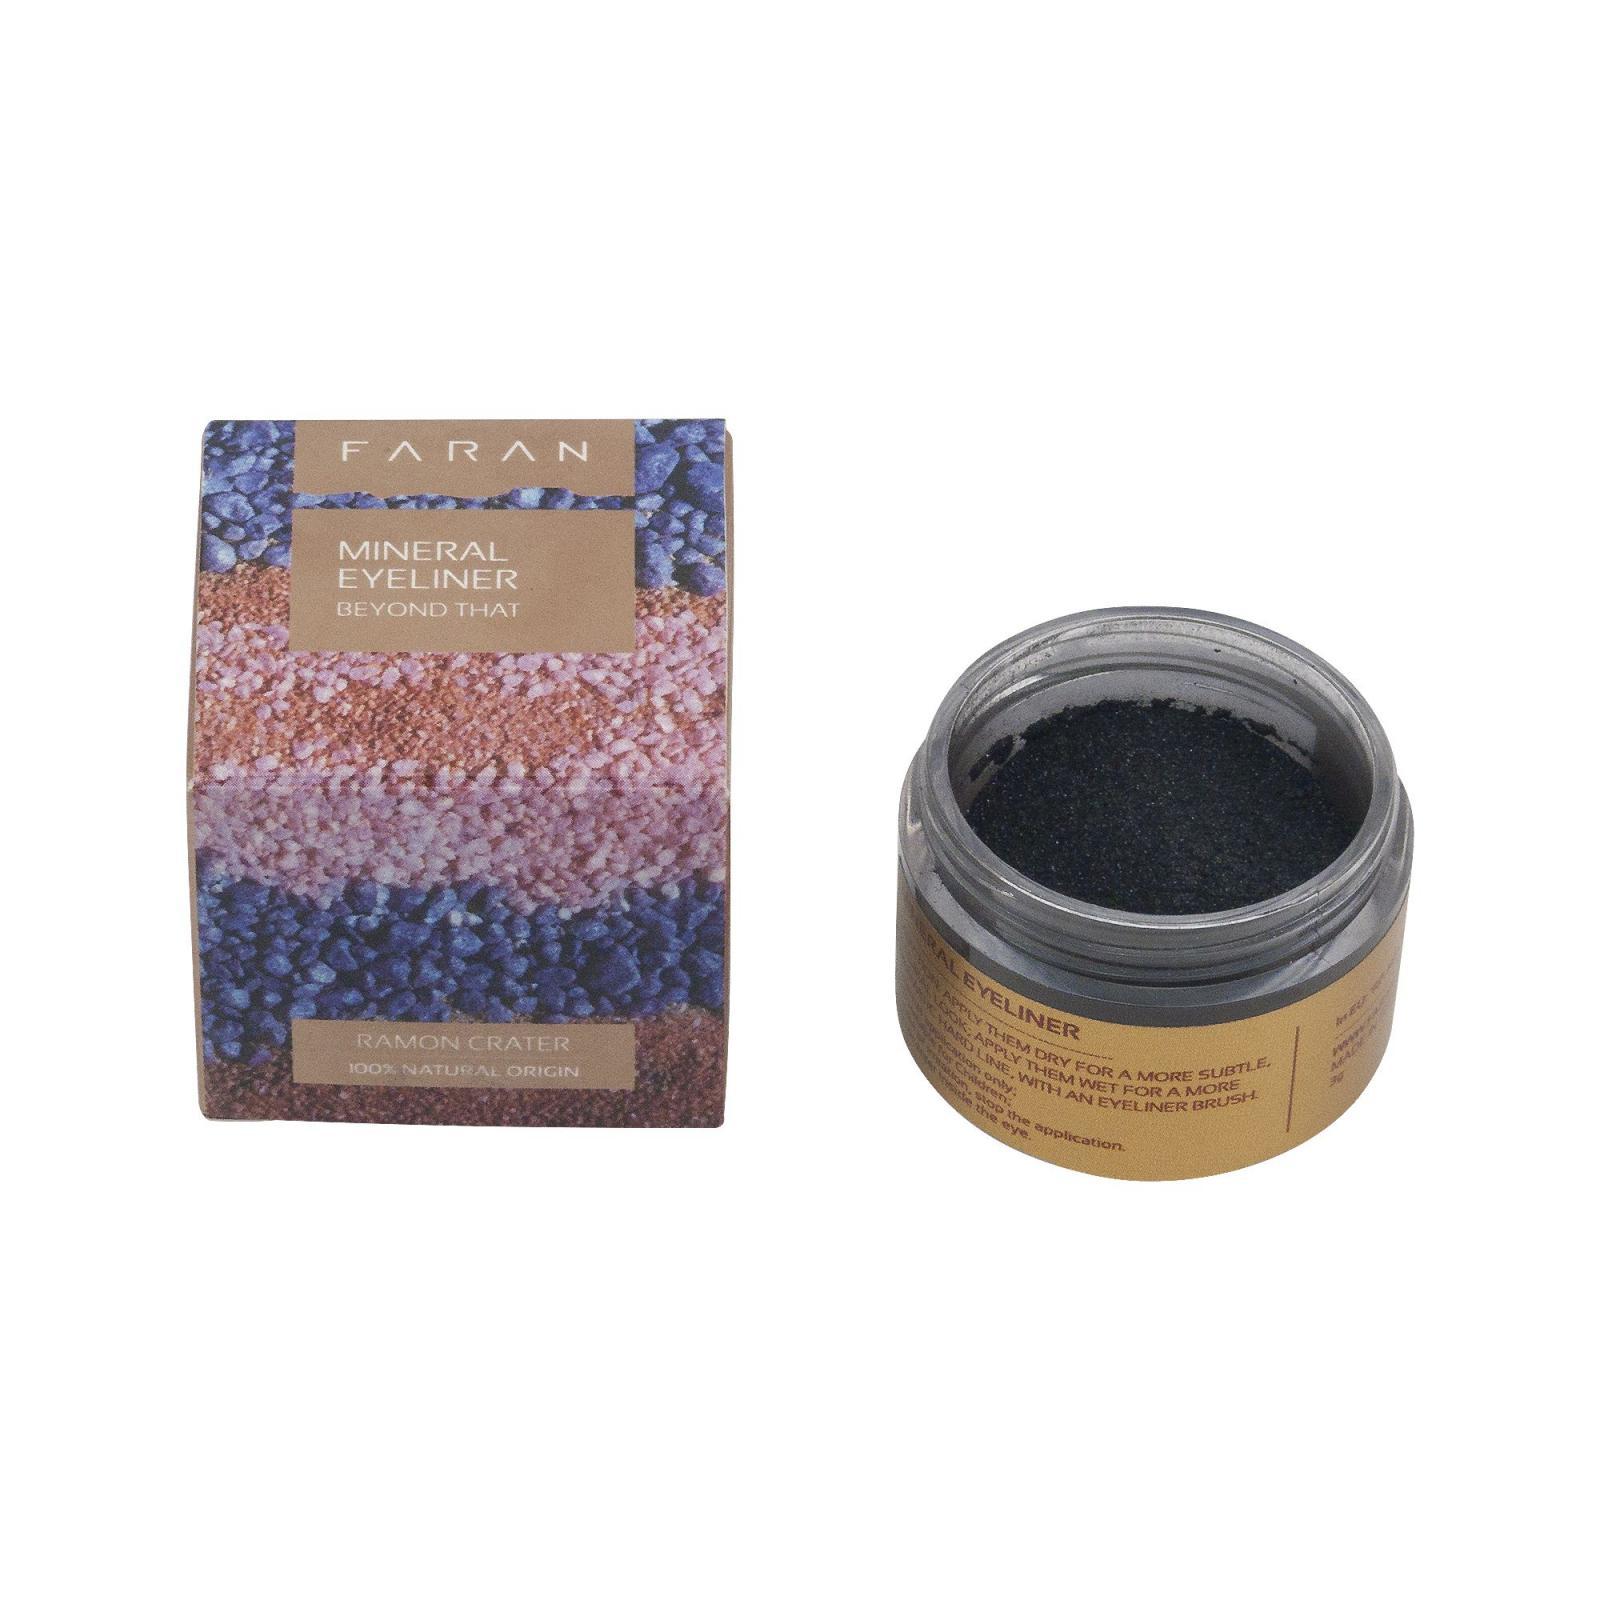 Faran Minerální oční linky, Beyond That Eyeliner 3 g, 15 ml